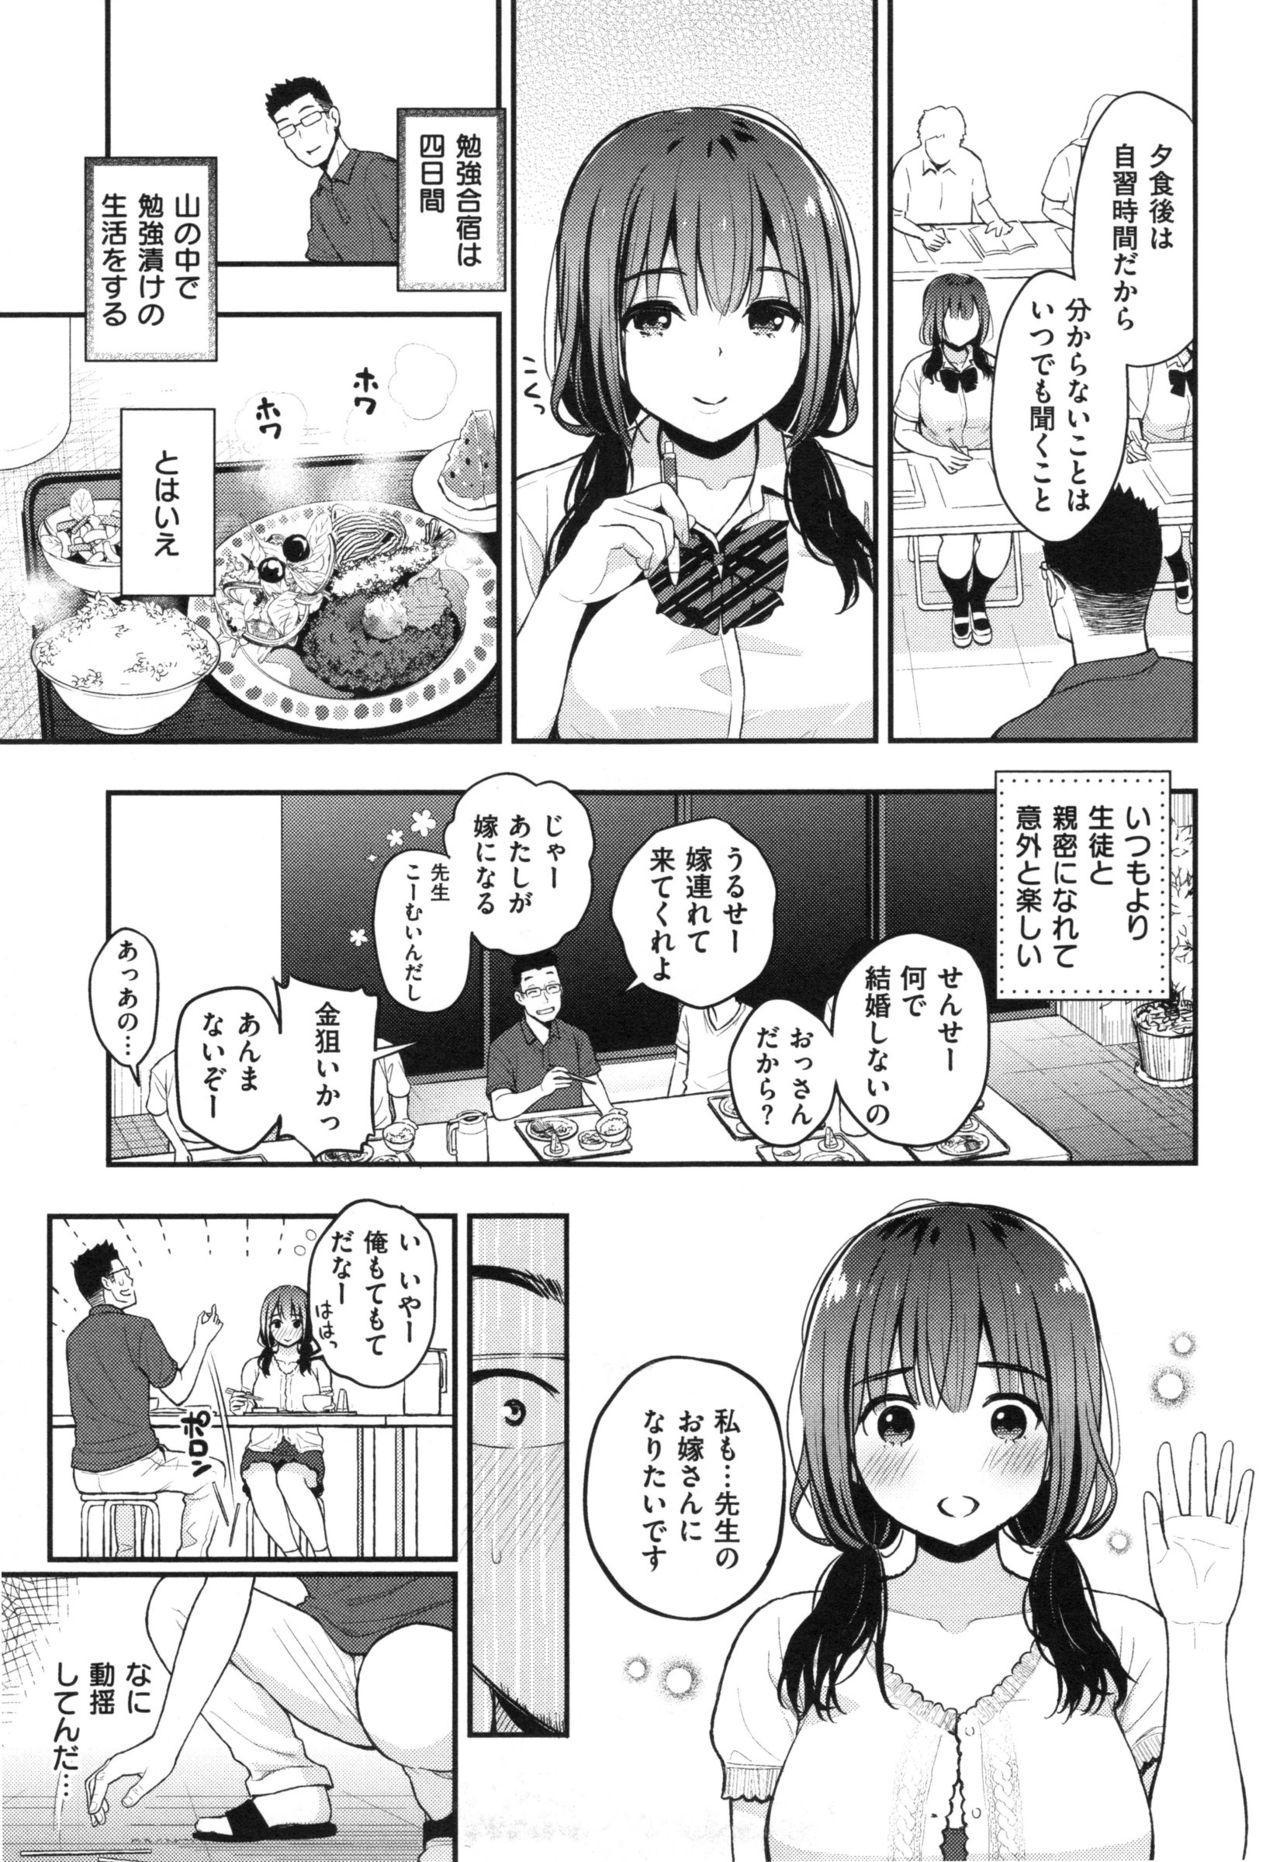 Futari no Himitsu 43